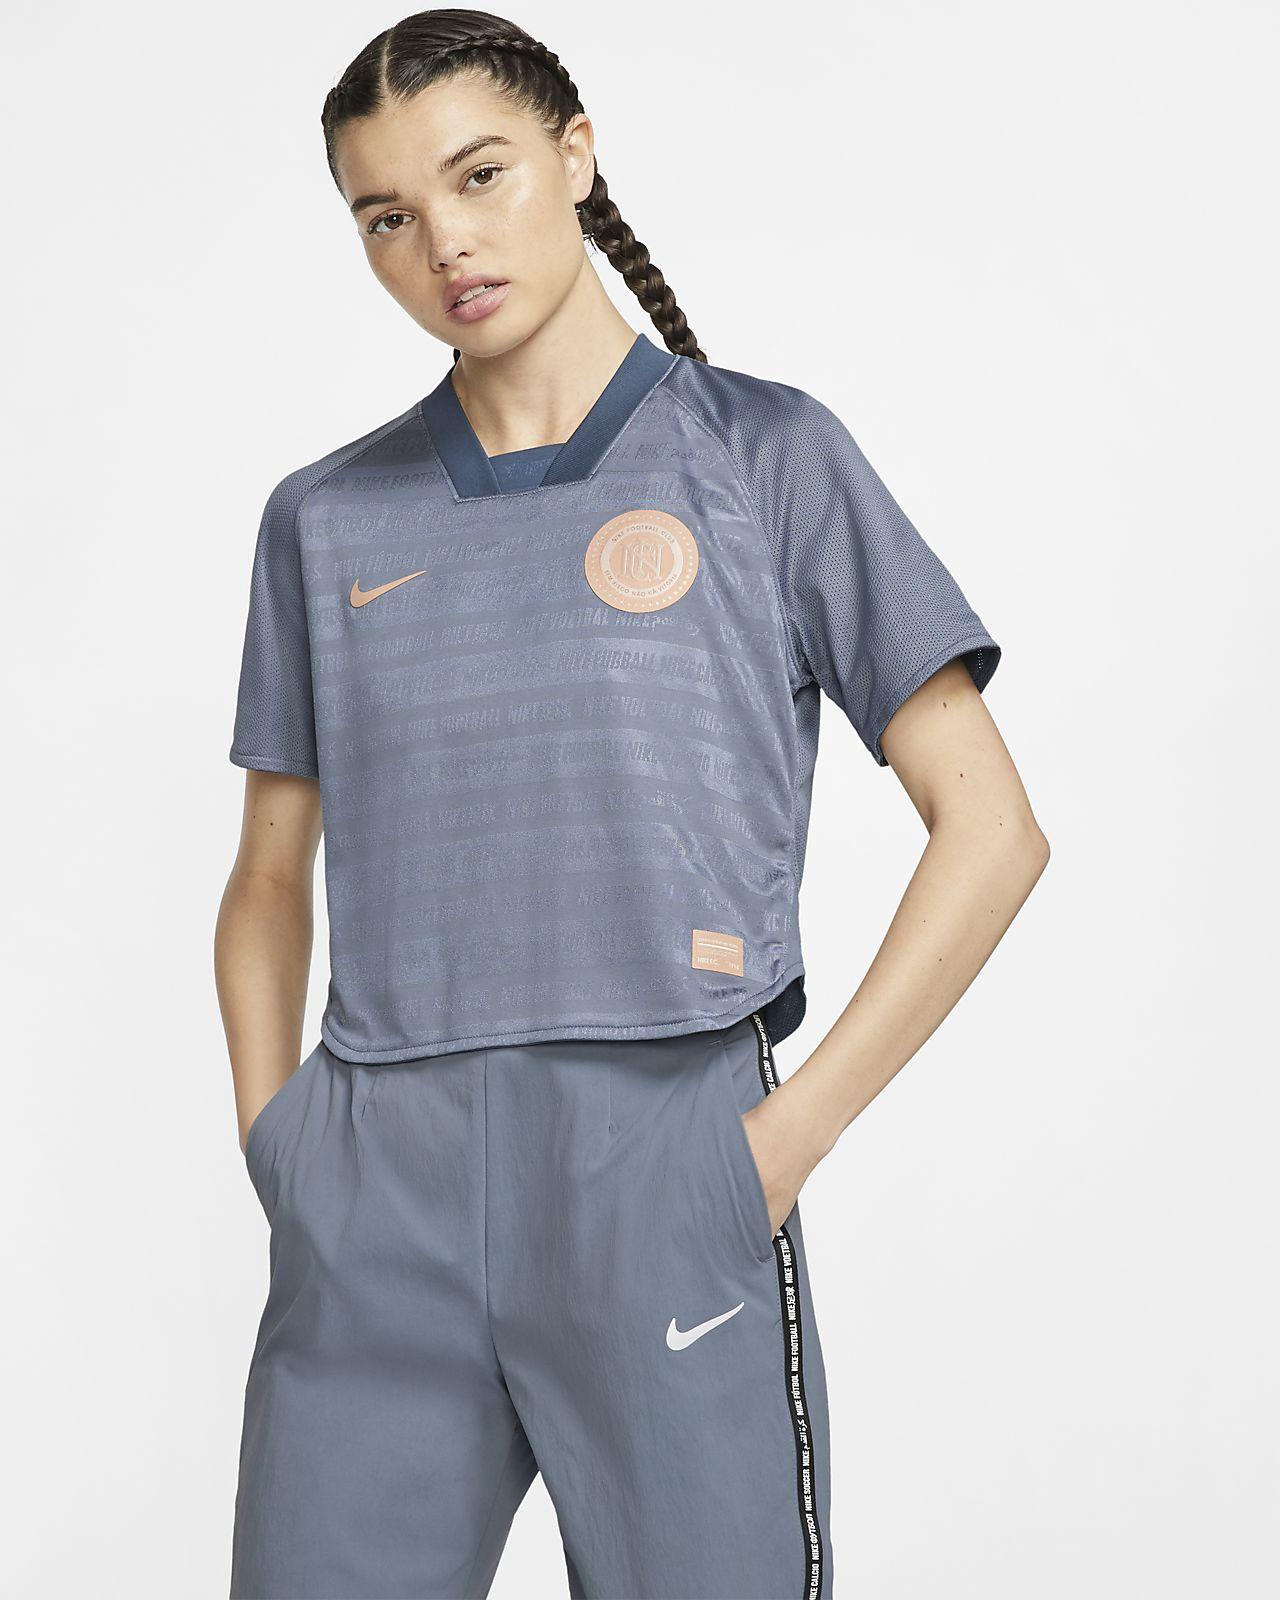 Γυναικεία κοντομάνικη ποδοσφαιρική μπλούζα Nike F.C. Dri-FIT